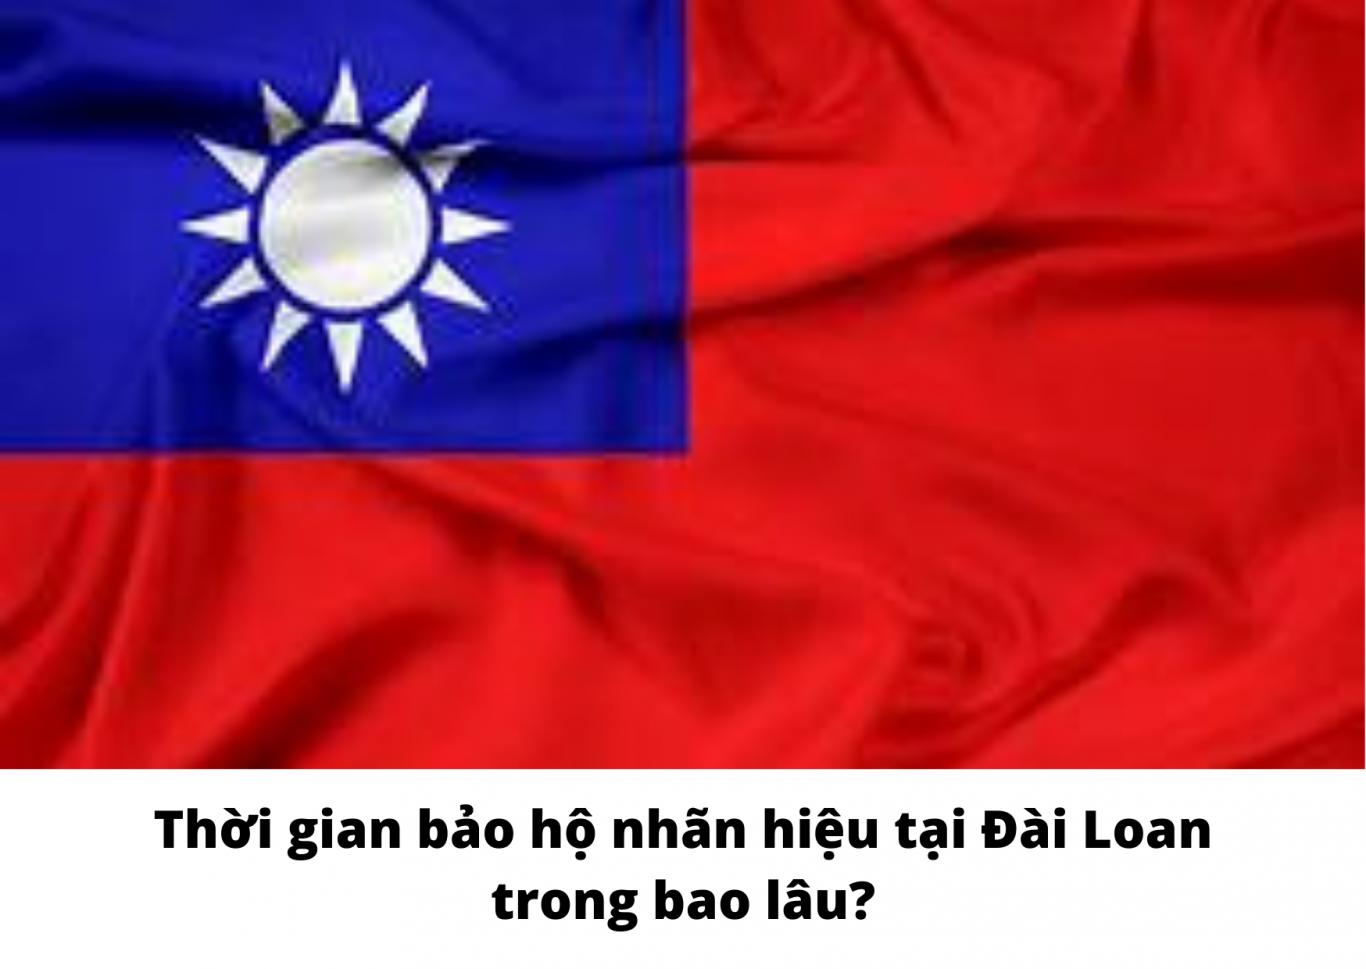 Thời gian bảo hộ nhãn hiệu tại Đài Loan trong bao lâu?, Thời gian bảo hộ nhãn hiệu tại Đài Loan, Hiệu lực của nhãn hiệu đã đăng ký tại Đài Loan, Thời gian đăng ký nhãn hiệu tại Đài Loan